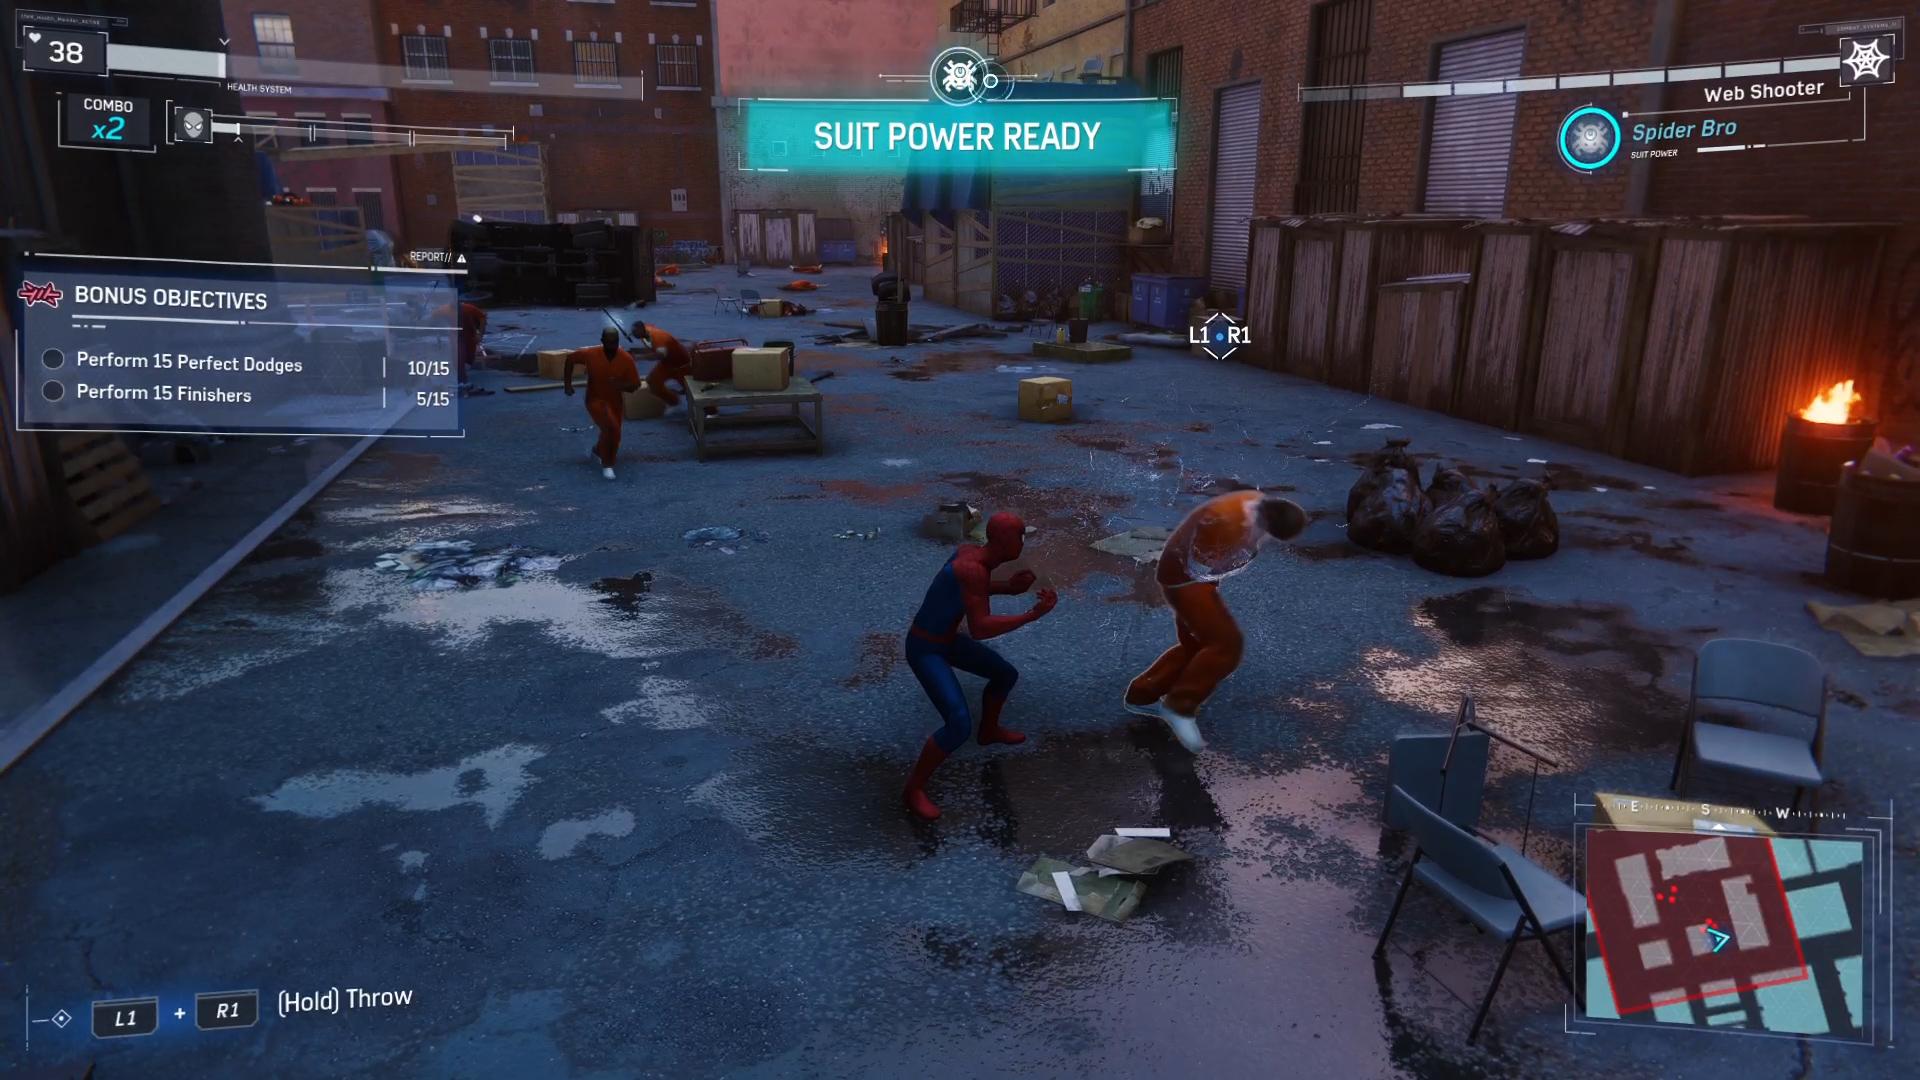 Marvel's Spider-Man_20190120155748.00_00_06_17.Still018.jpg